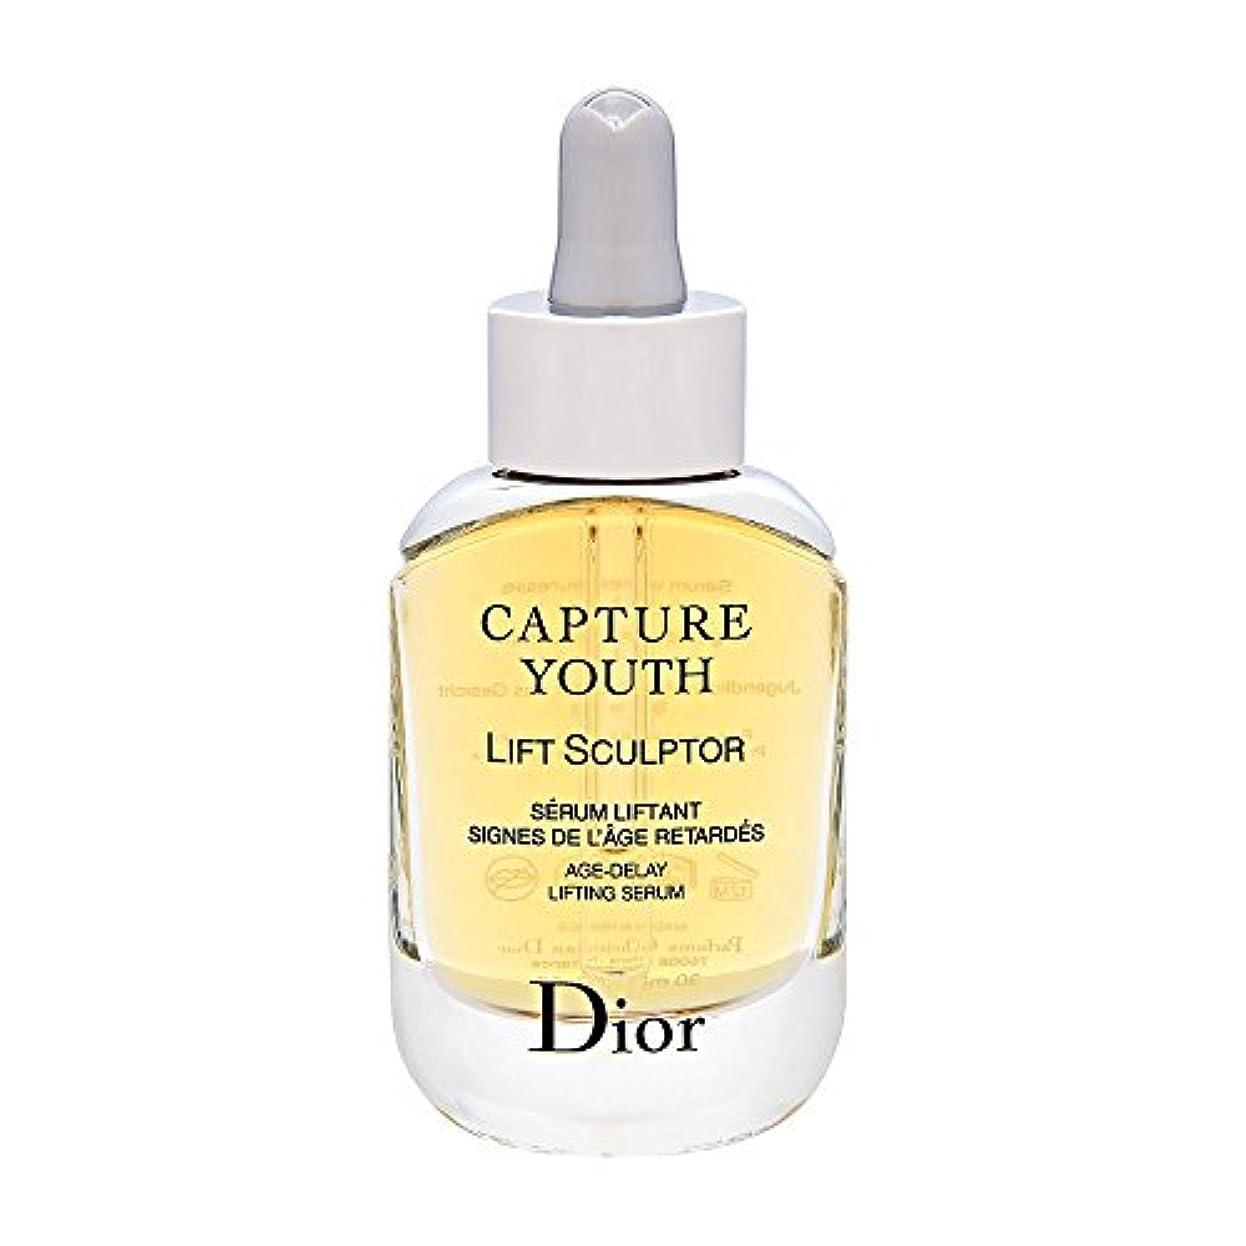 大胆不敵ルームモンククリスチャンディオール Christian Dior カプチュール ユース L スカルプター 30mL [並行輸入品]